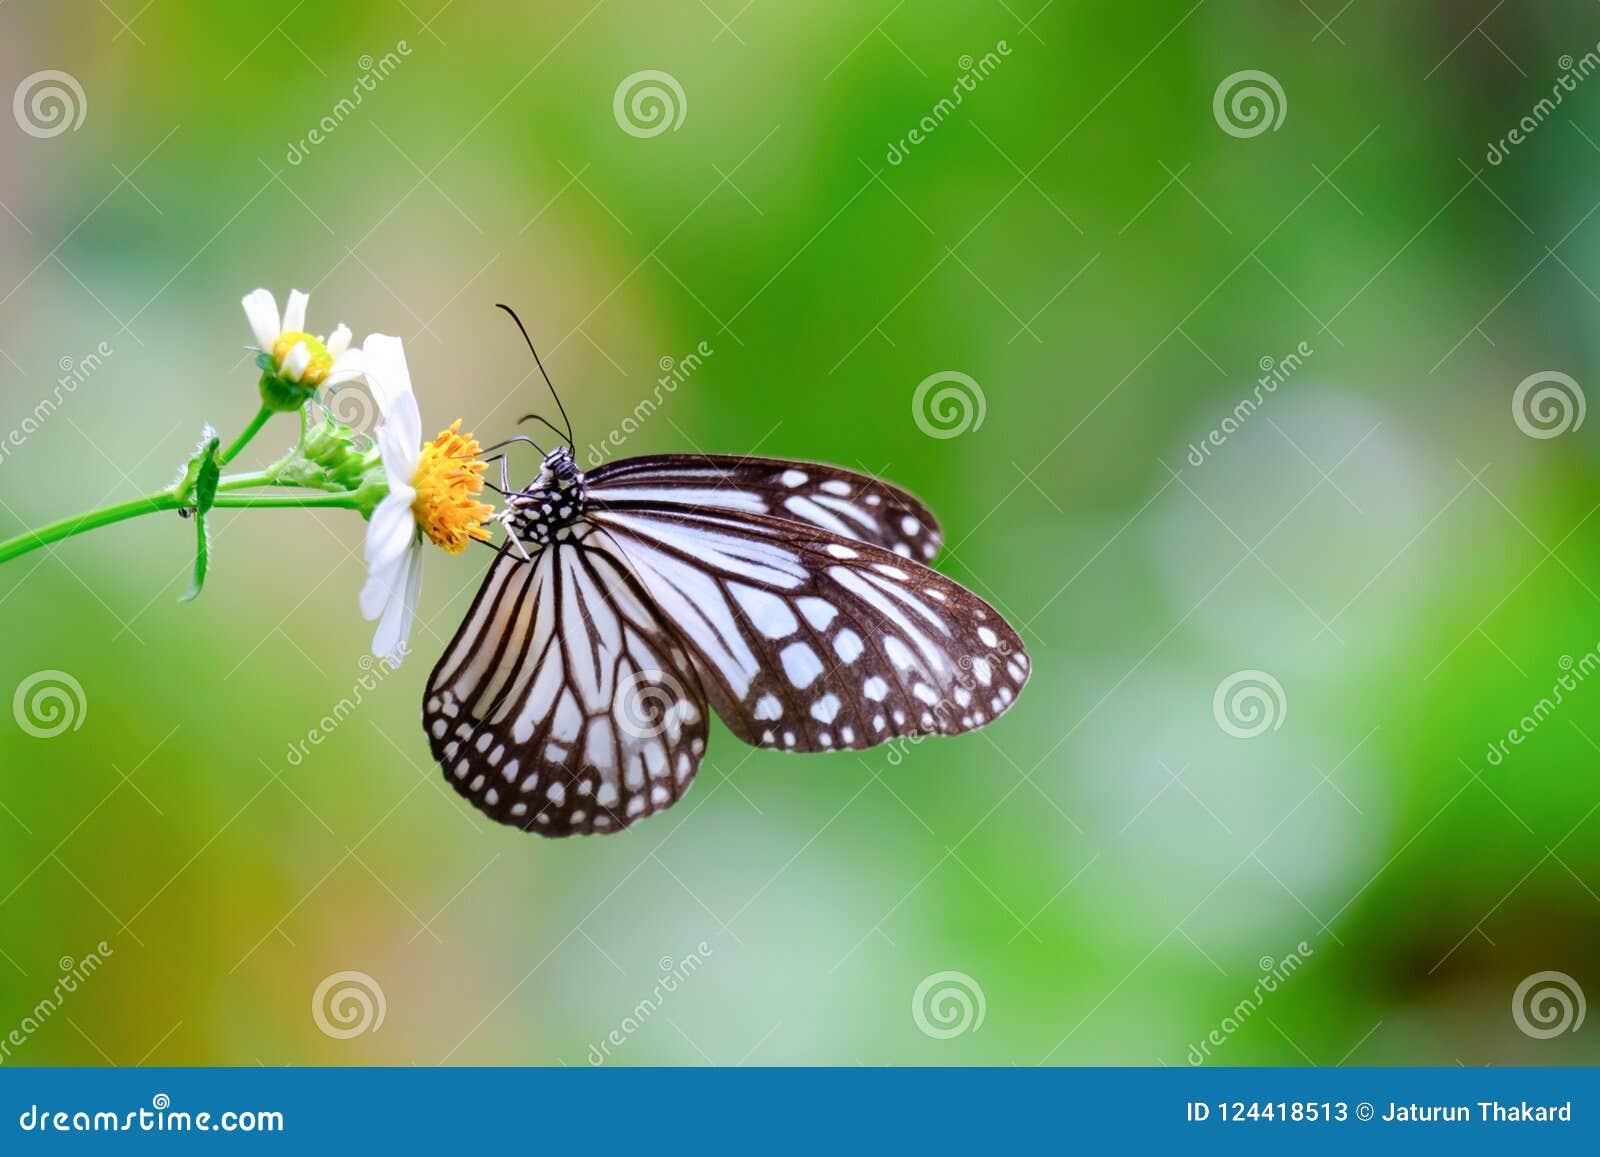 特写镜头共同的玻璃状老虎蝴蝶